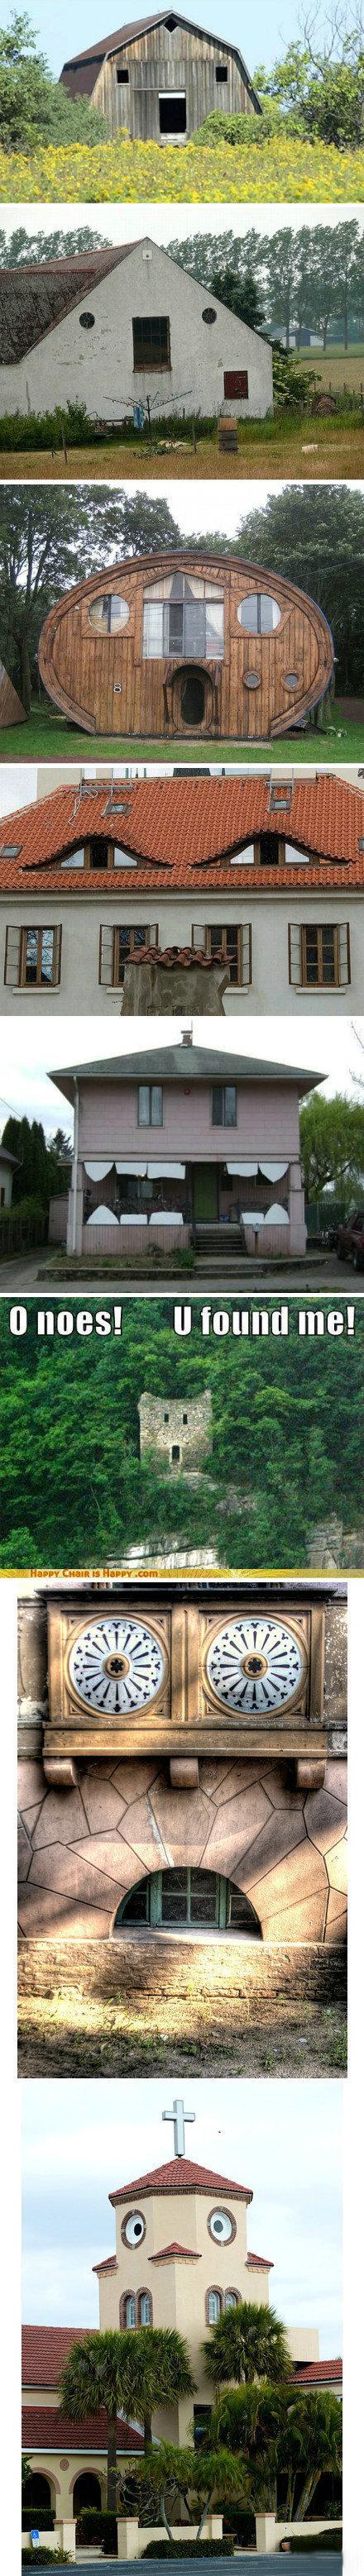 """一个相册叫:(""""▔□▔)/ 楼楼你怎么长了副衰小脸。果然每个很傻的楼都是有生命的!"""